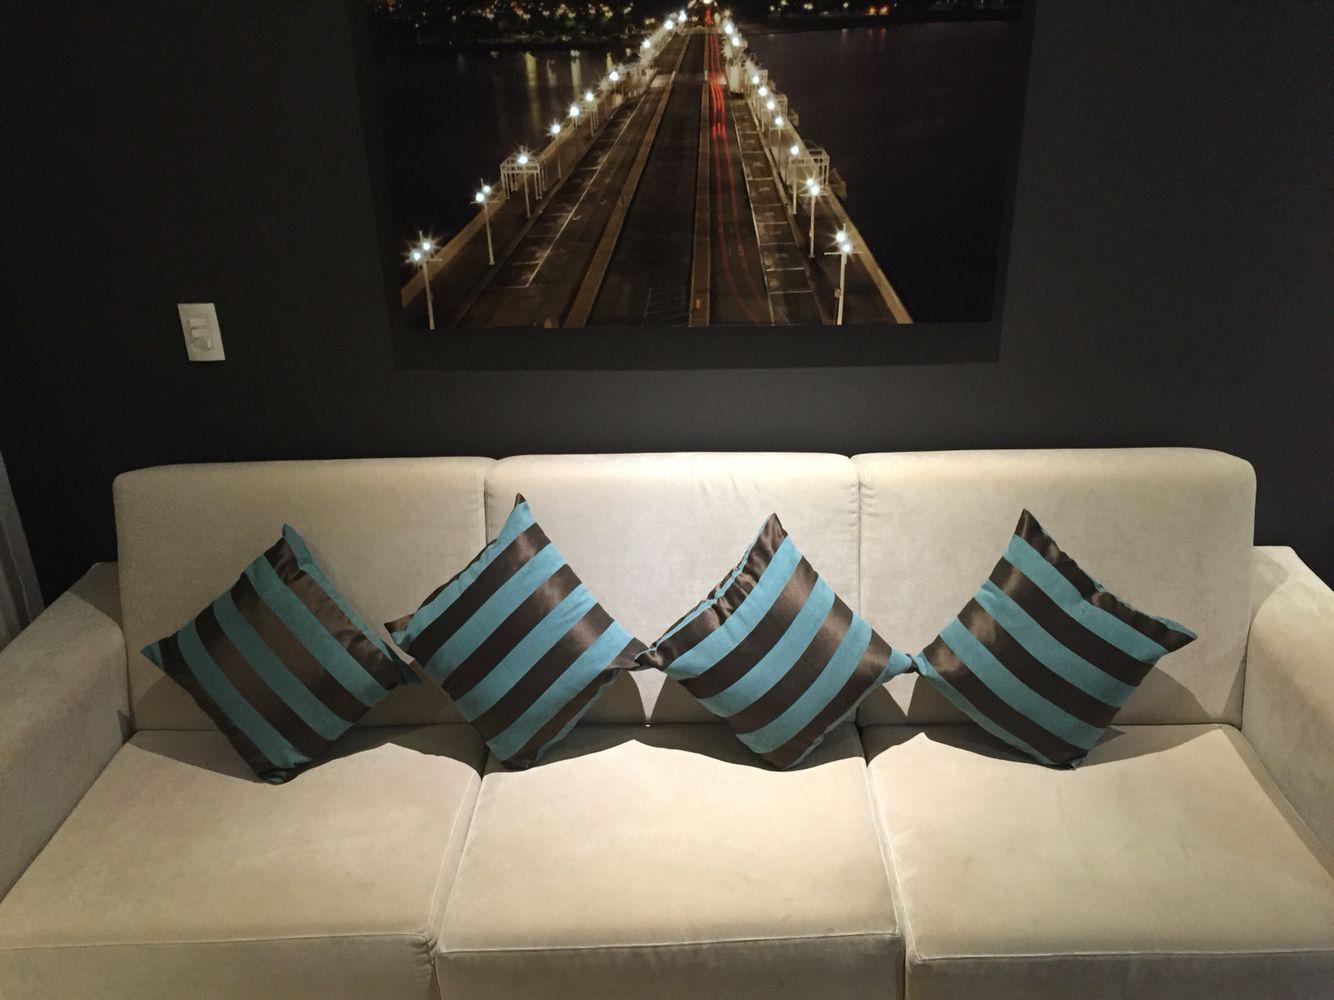 #Almofadas #Listras #Decoração #Sala #Pillows #Stripes #Decoration #LivingRoom #Room #Home